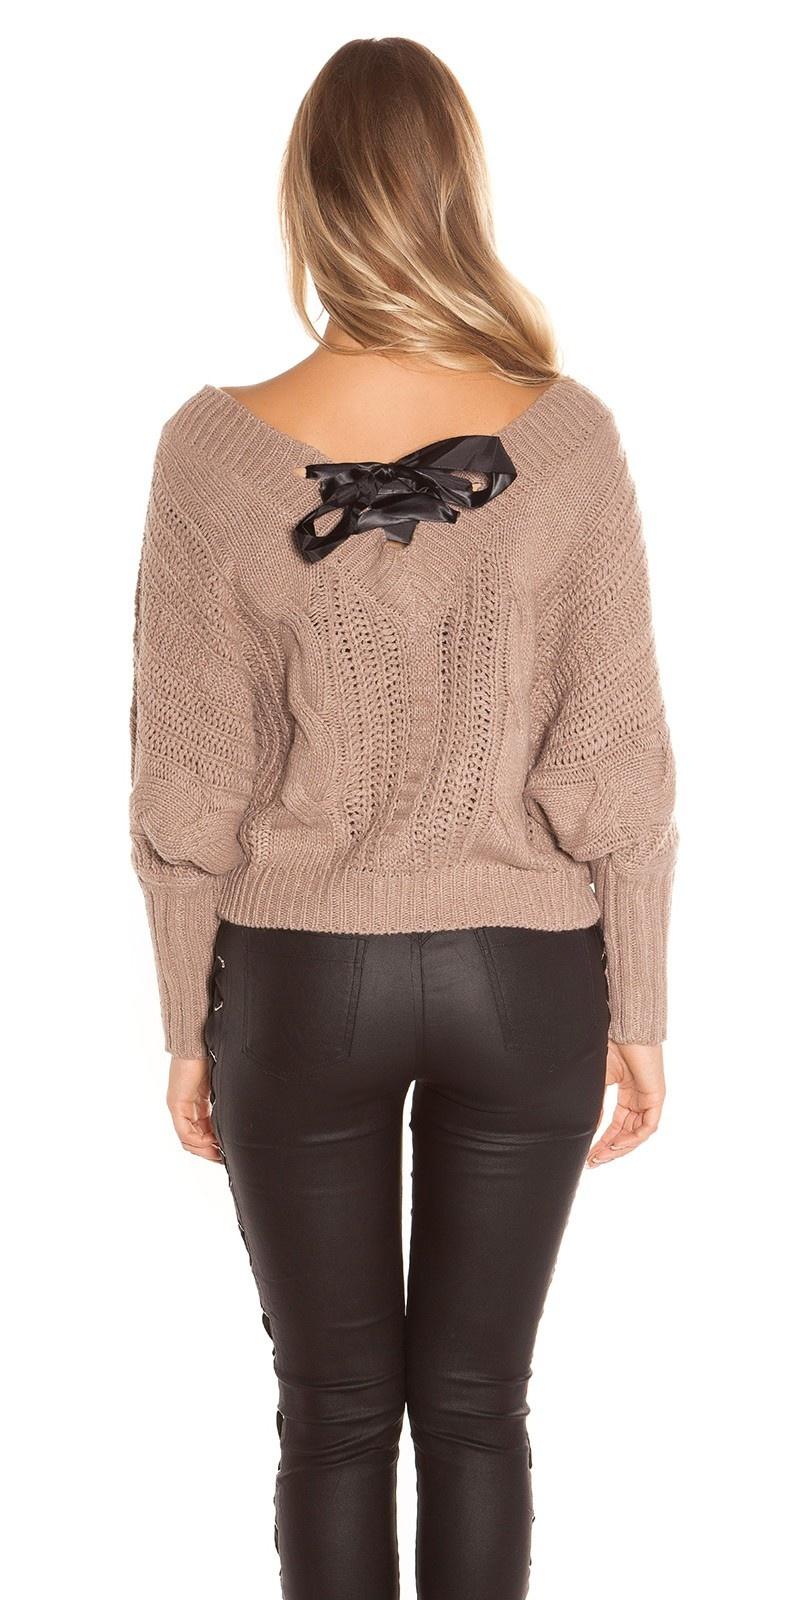 Sexy xl v-hals gebreide sweater-trui met veter cappuccino